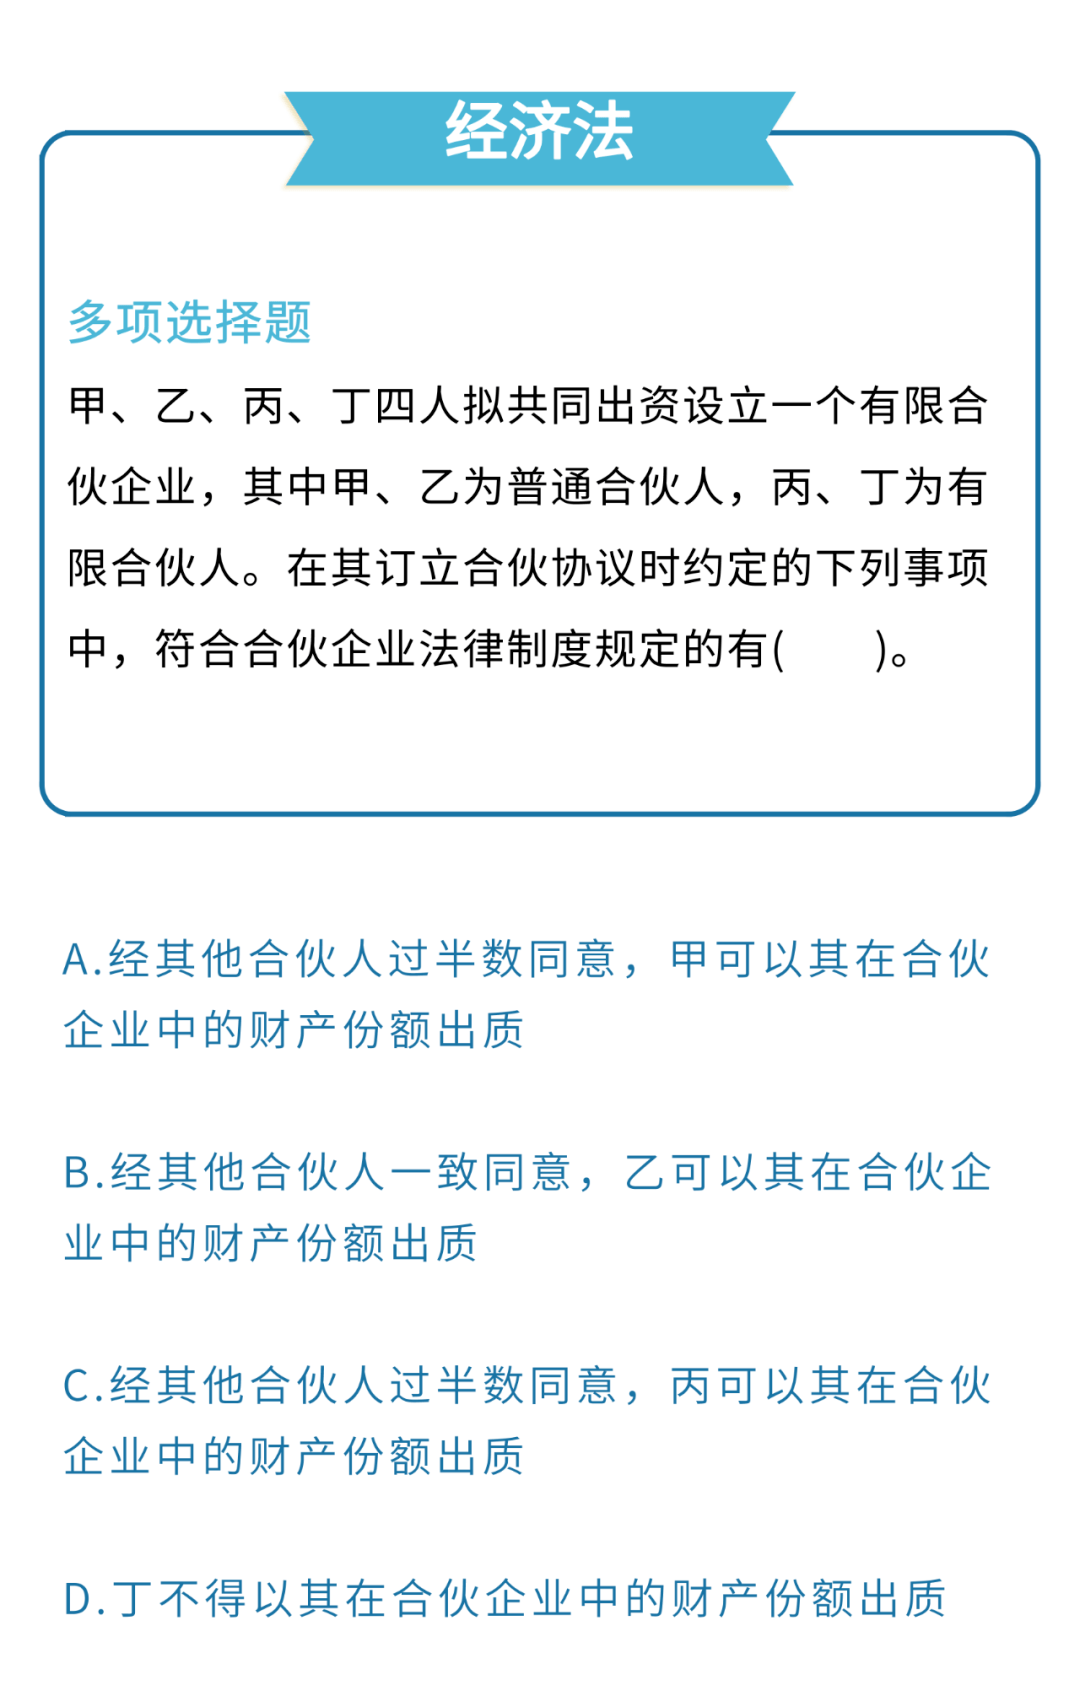 哈尔滨工业大学,哈尔滨工程大学2020年秋季学期开学时间确定 全国多地